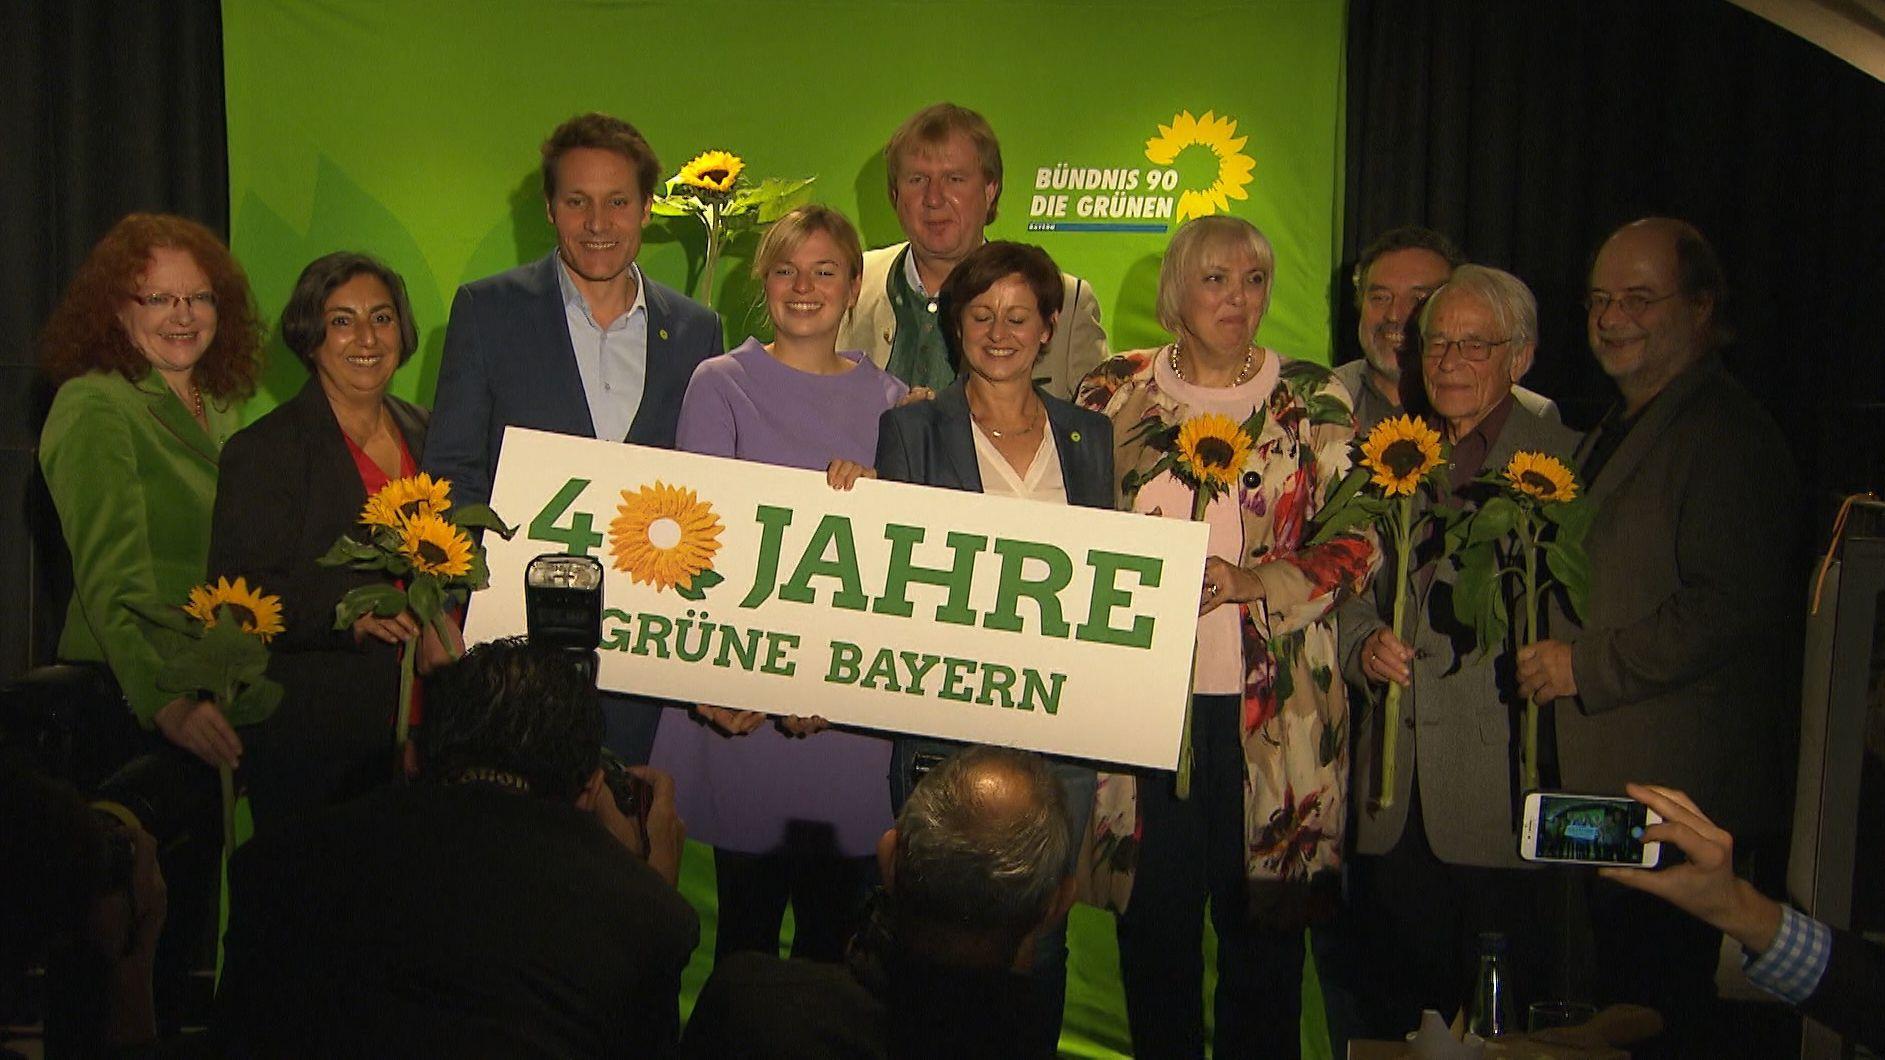 Die Grünen in Bayern werden 40